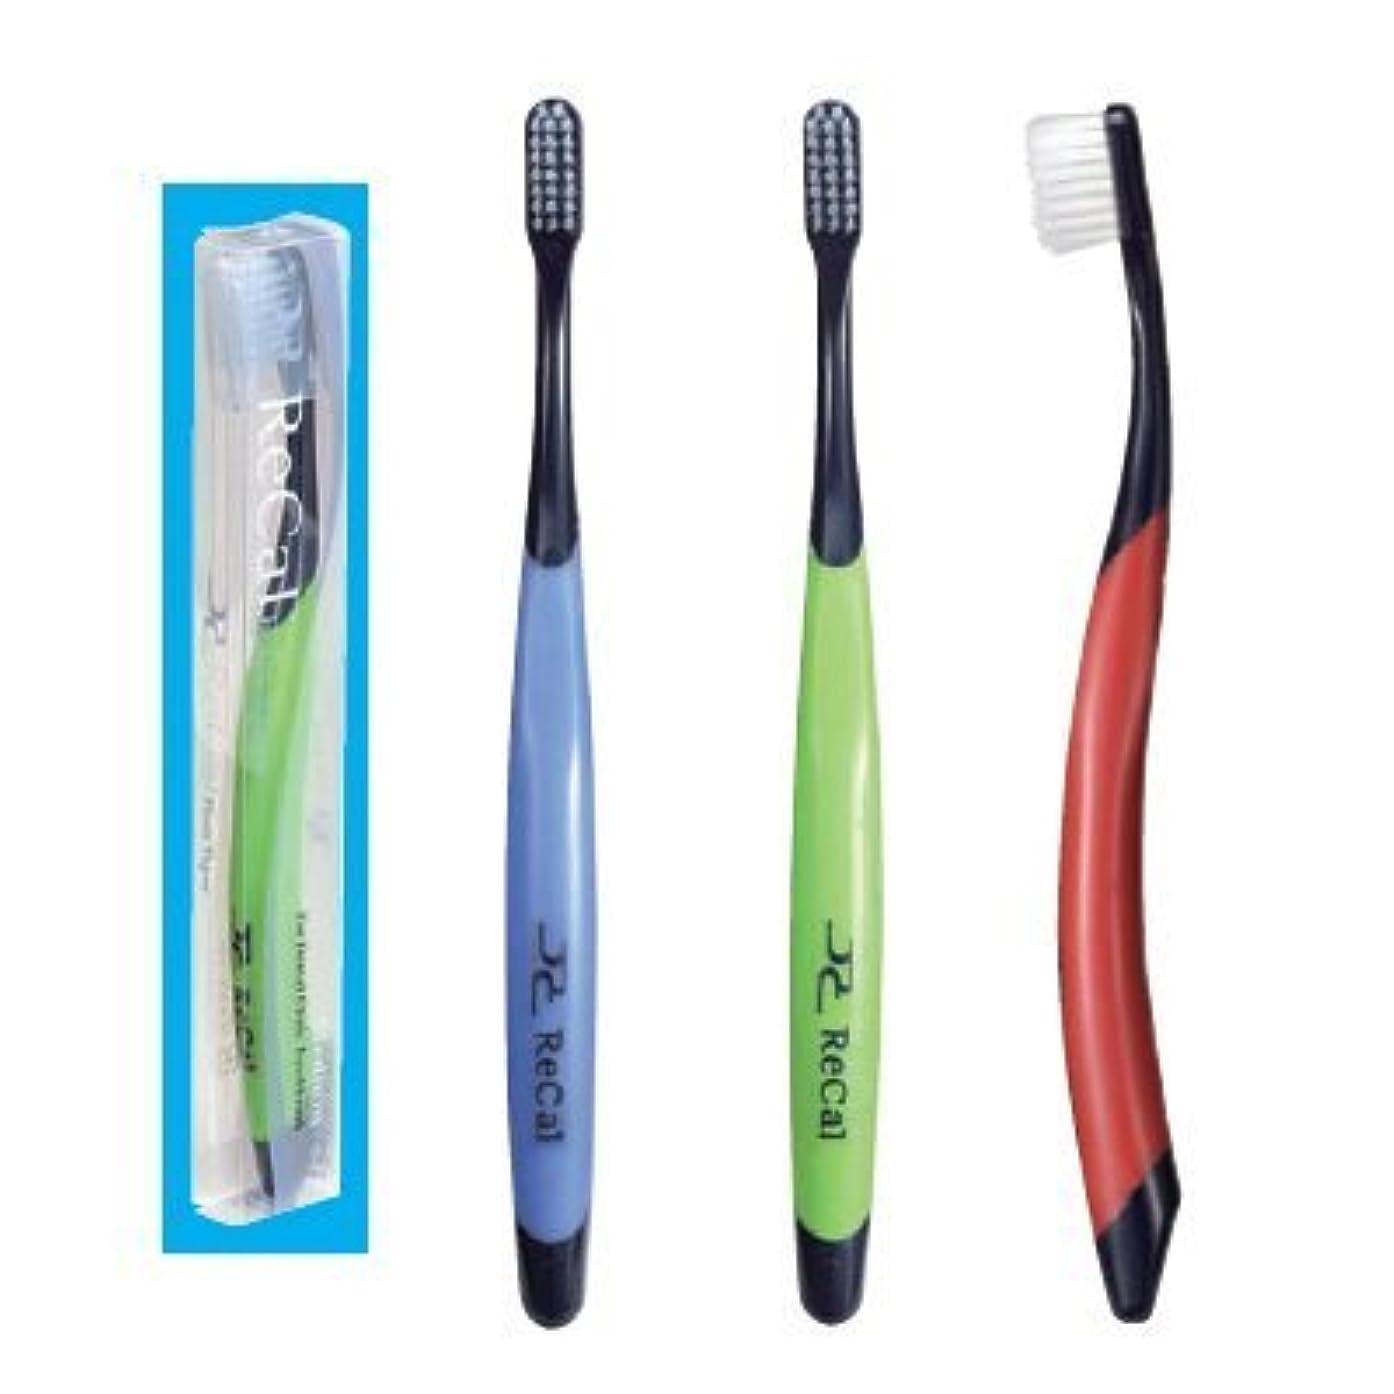 デコードする複合抑圧者リカル歯ブラシ フロステーパー毛(Mふつう)ブラックハンドル キャップ+プラケース付き 3本入り